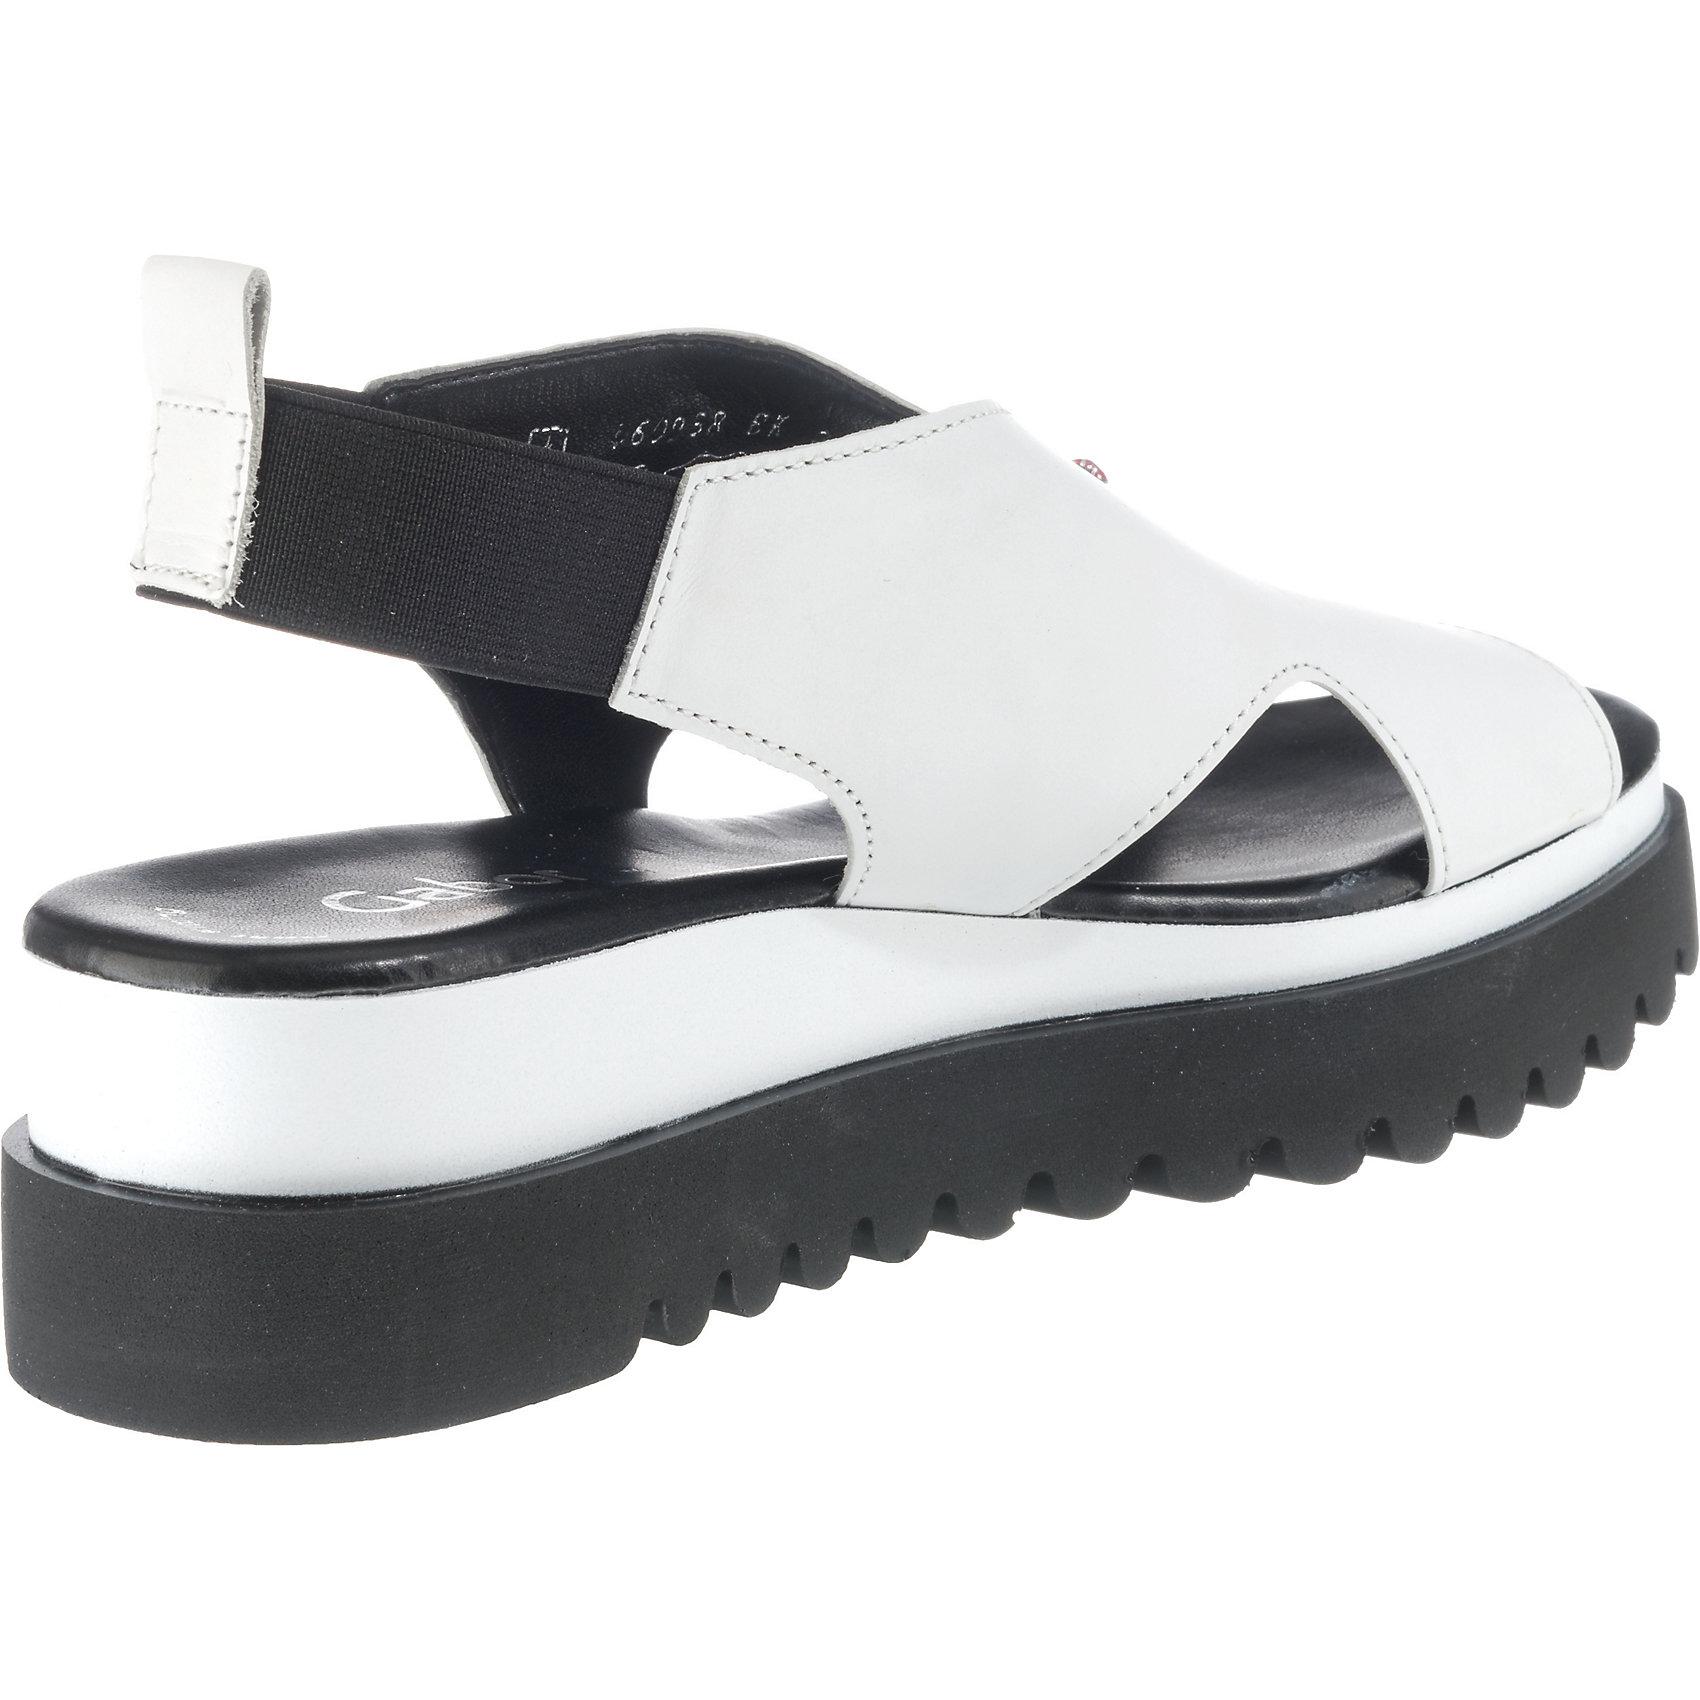 Gabor weiß sandaletten Schwarz Plateau Neu Damen 7970135 Für gqdgan